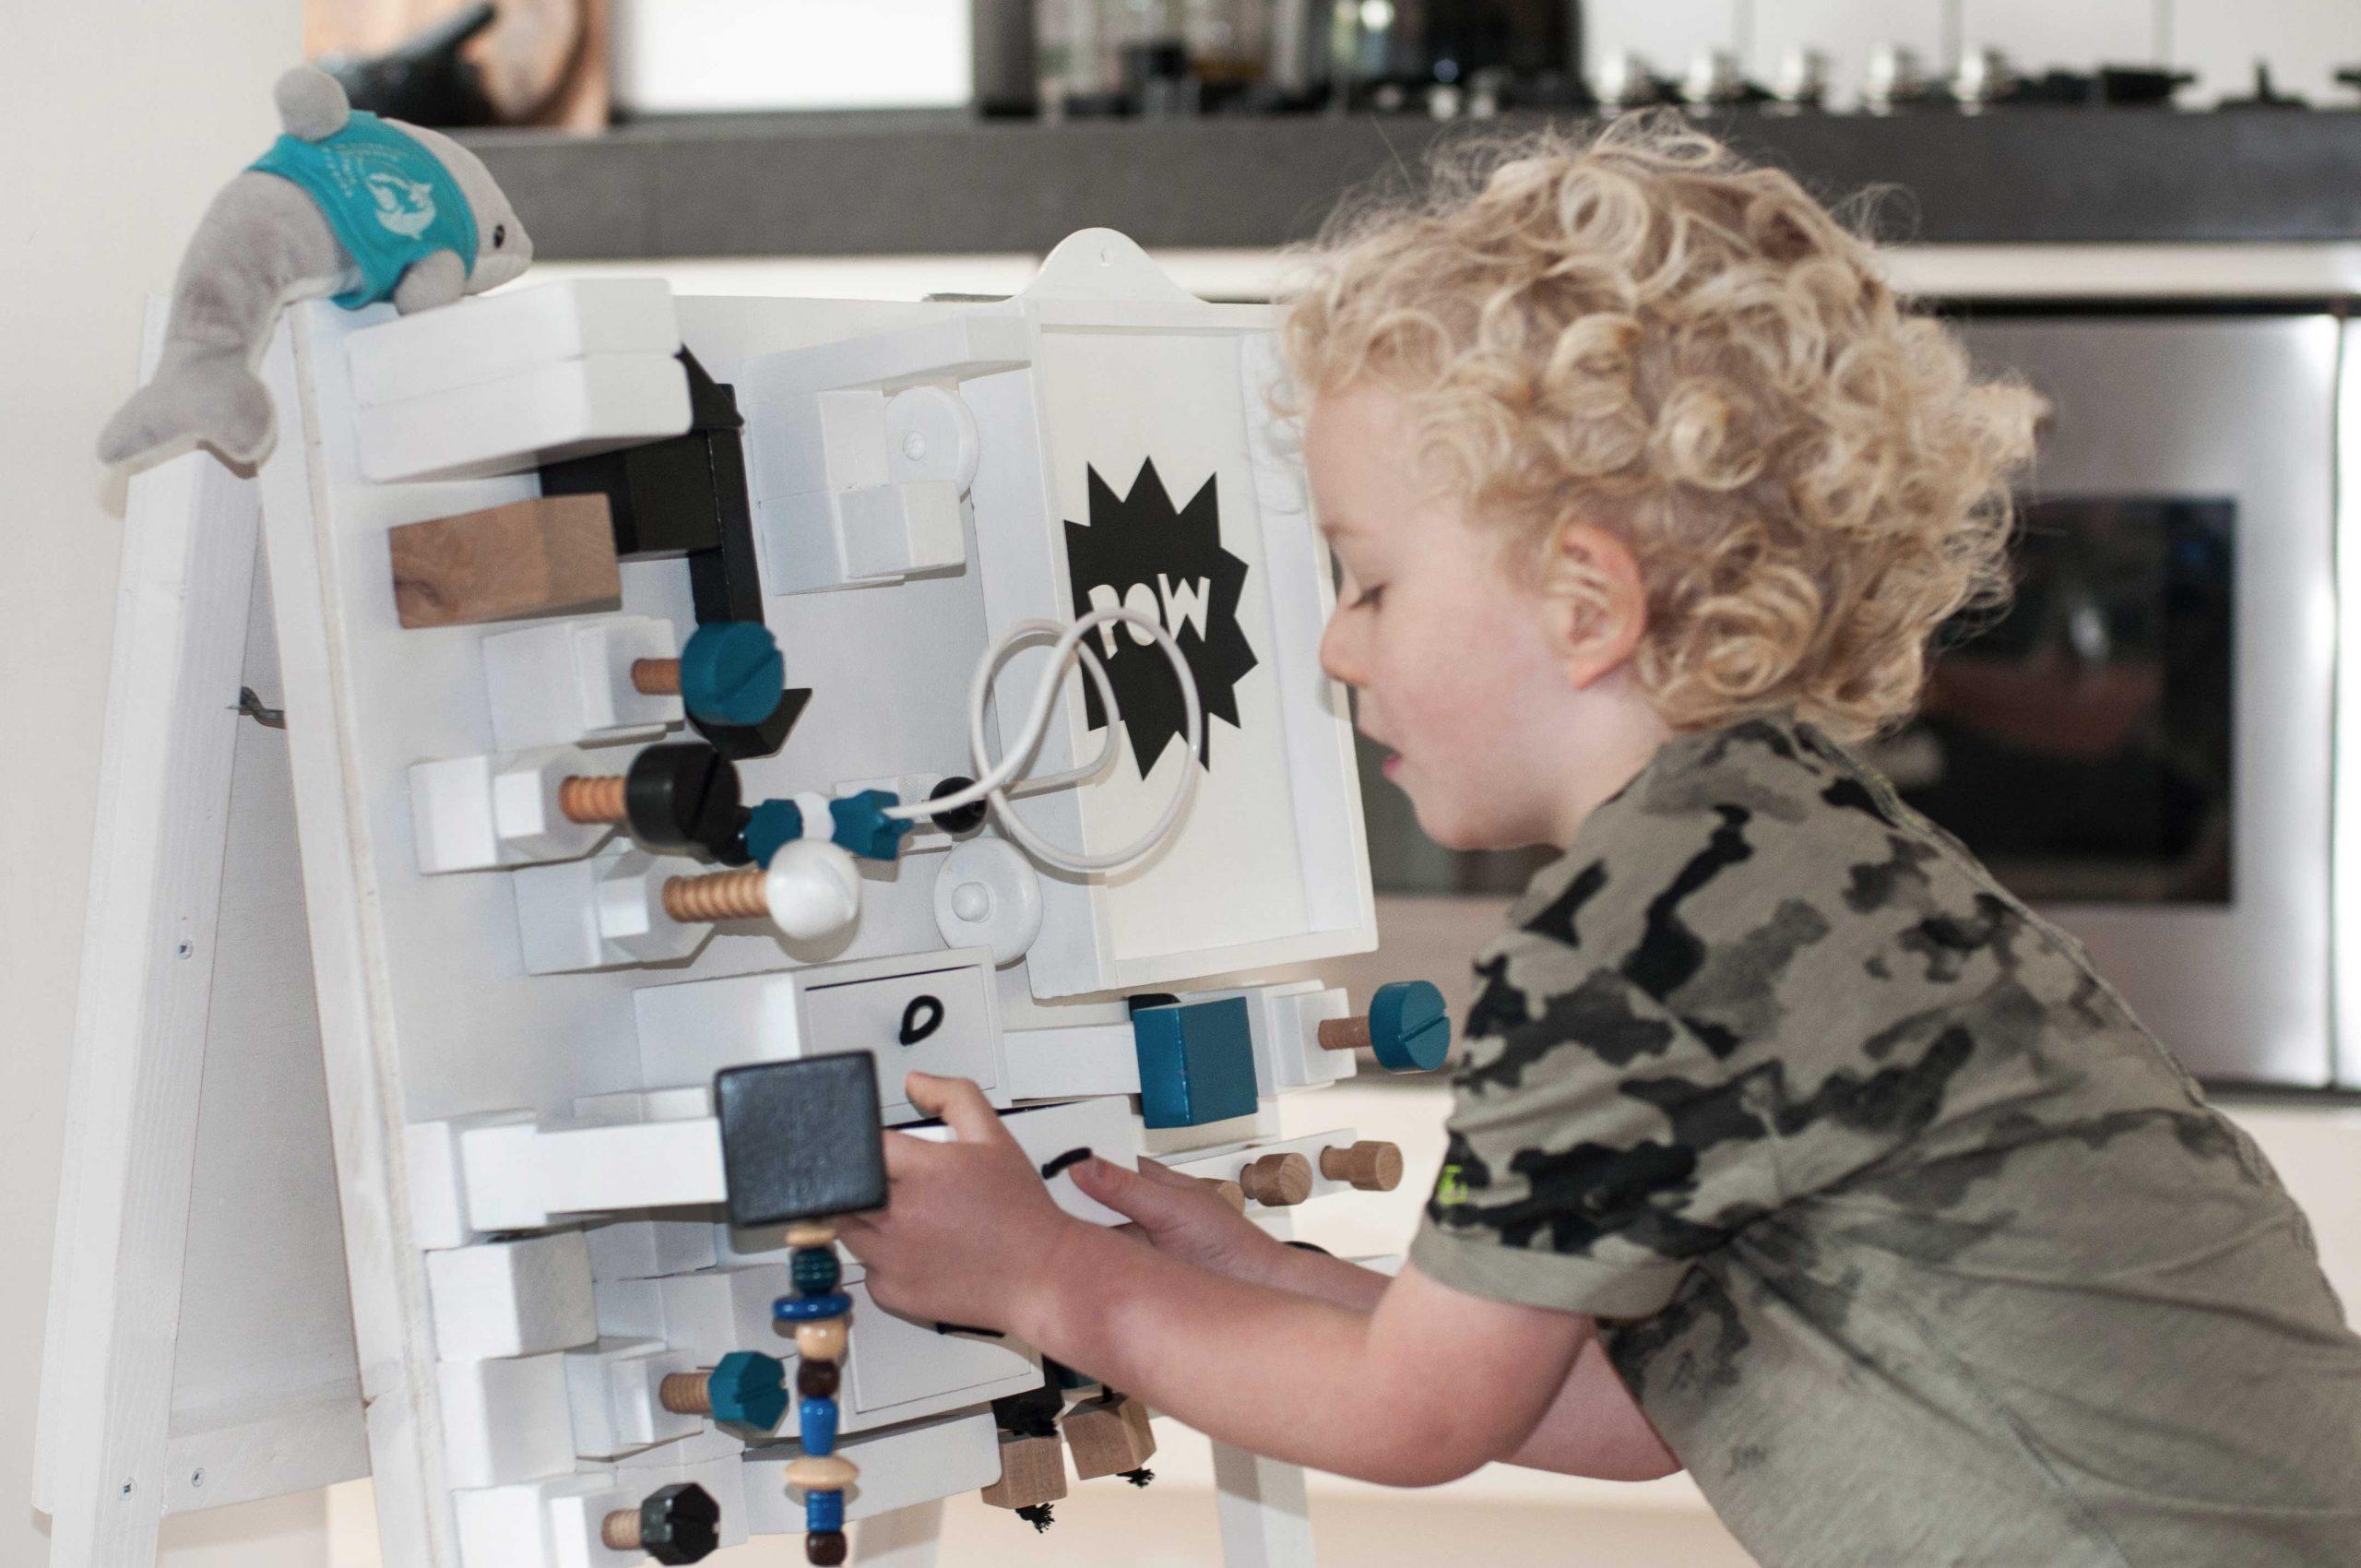 Activiteitenbord met een jongen